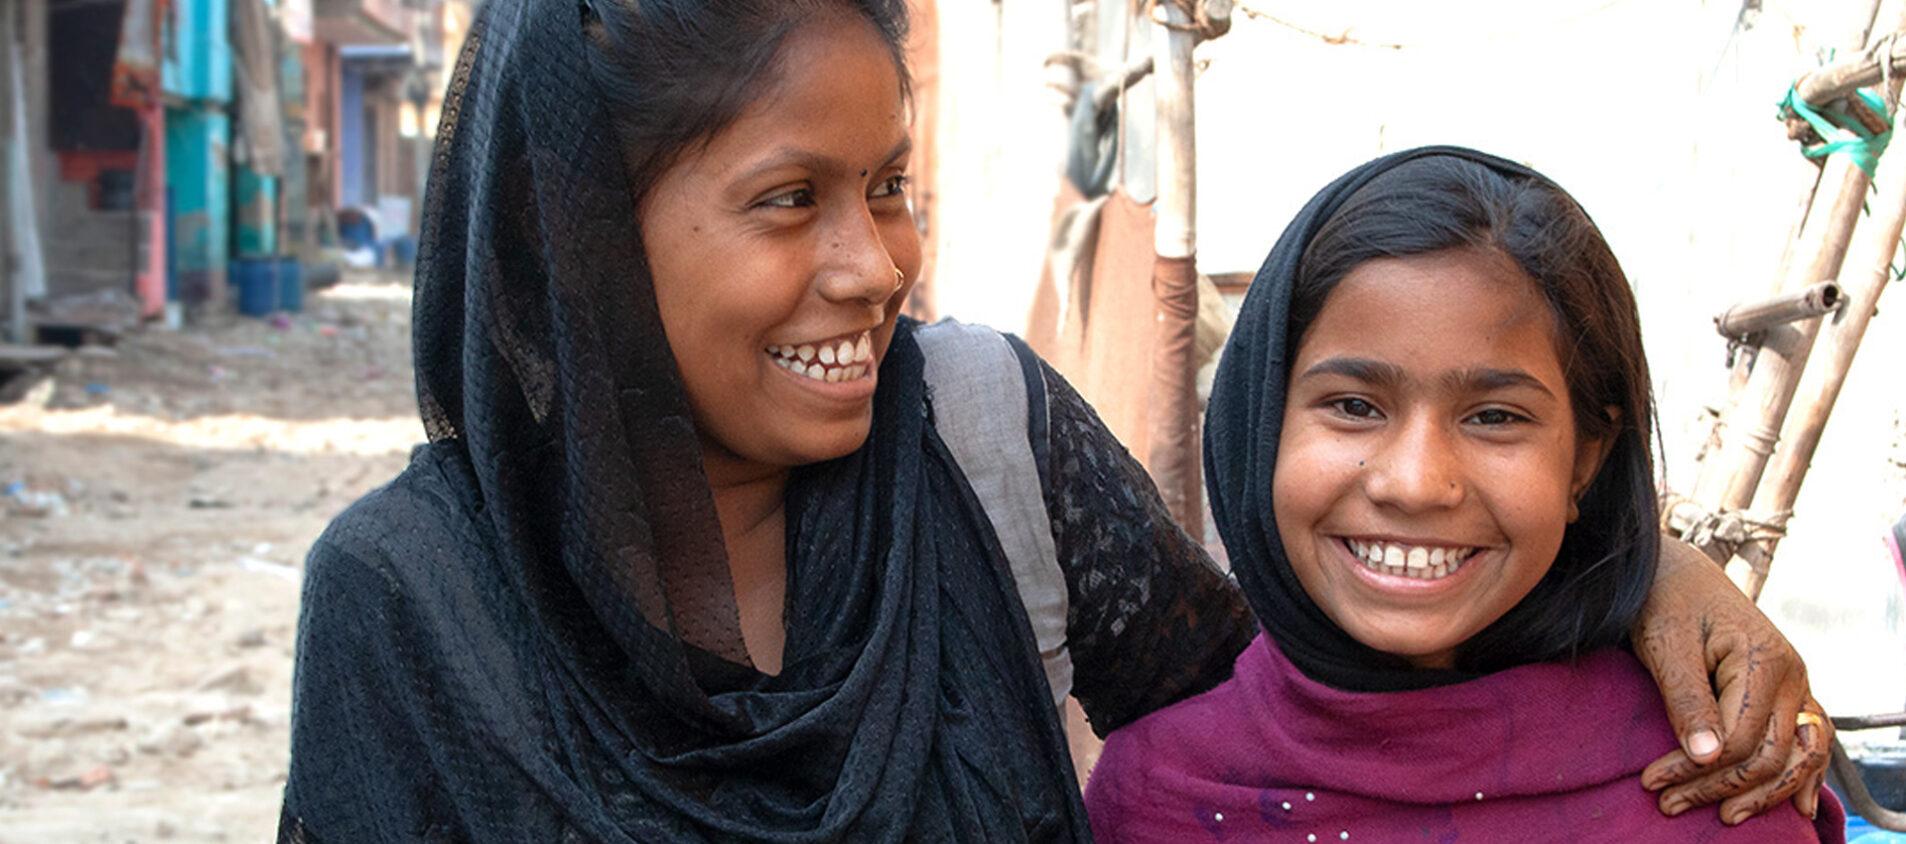 Ansura tillsammans med sin mamma i området Bhalaswa i New Dehli, där de bor.